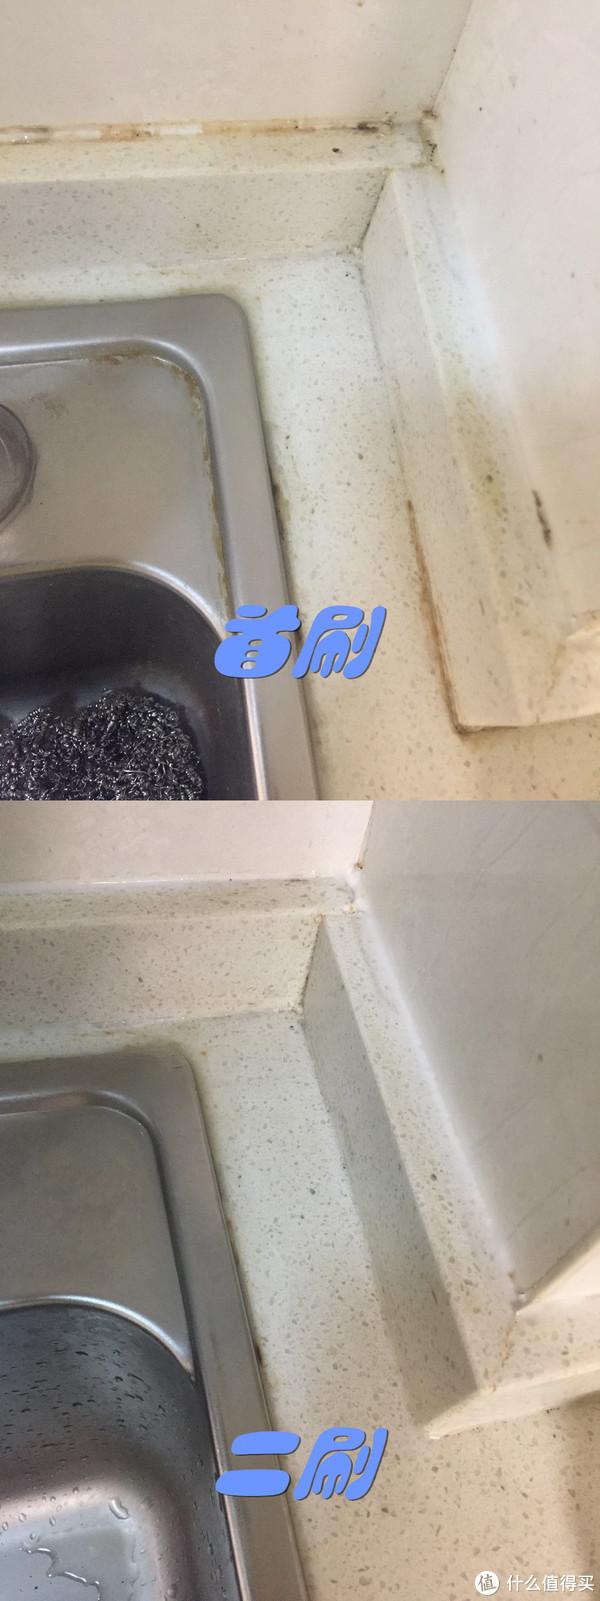 #热征#家庭清洁#轻松几步,还你崭新厨房(水槽篇)